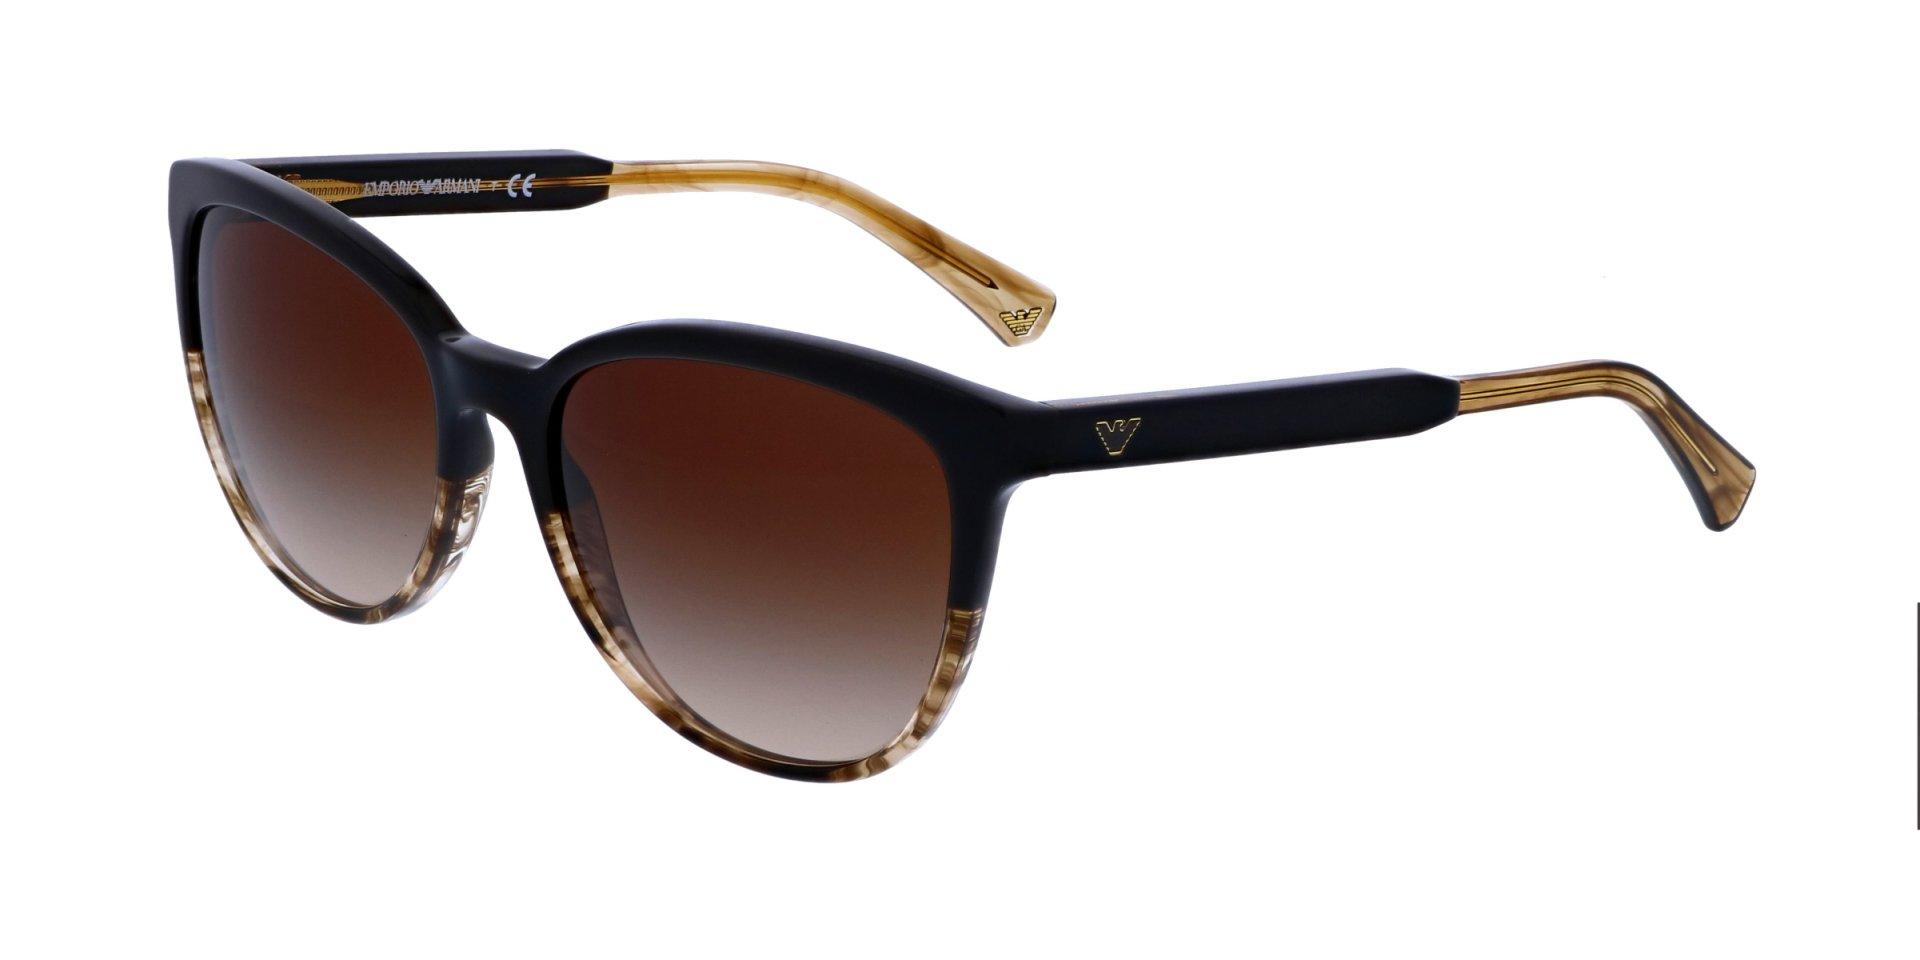 db027376fe0 Sunglasses EMPORIO ARMANI